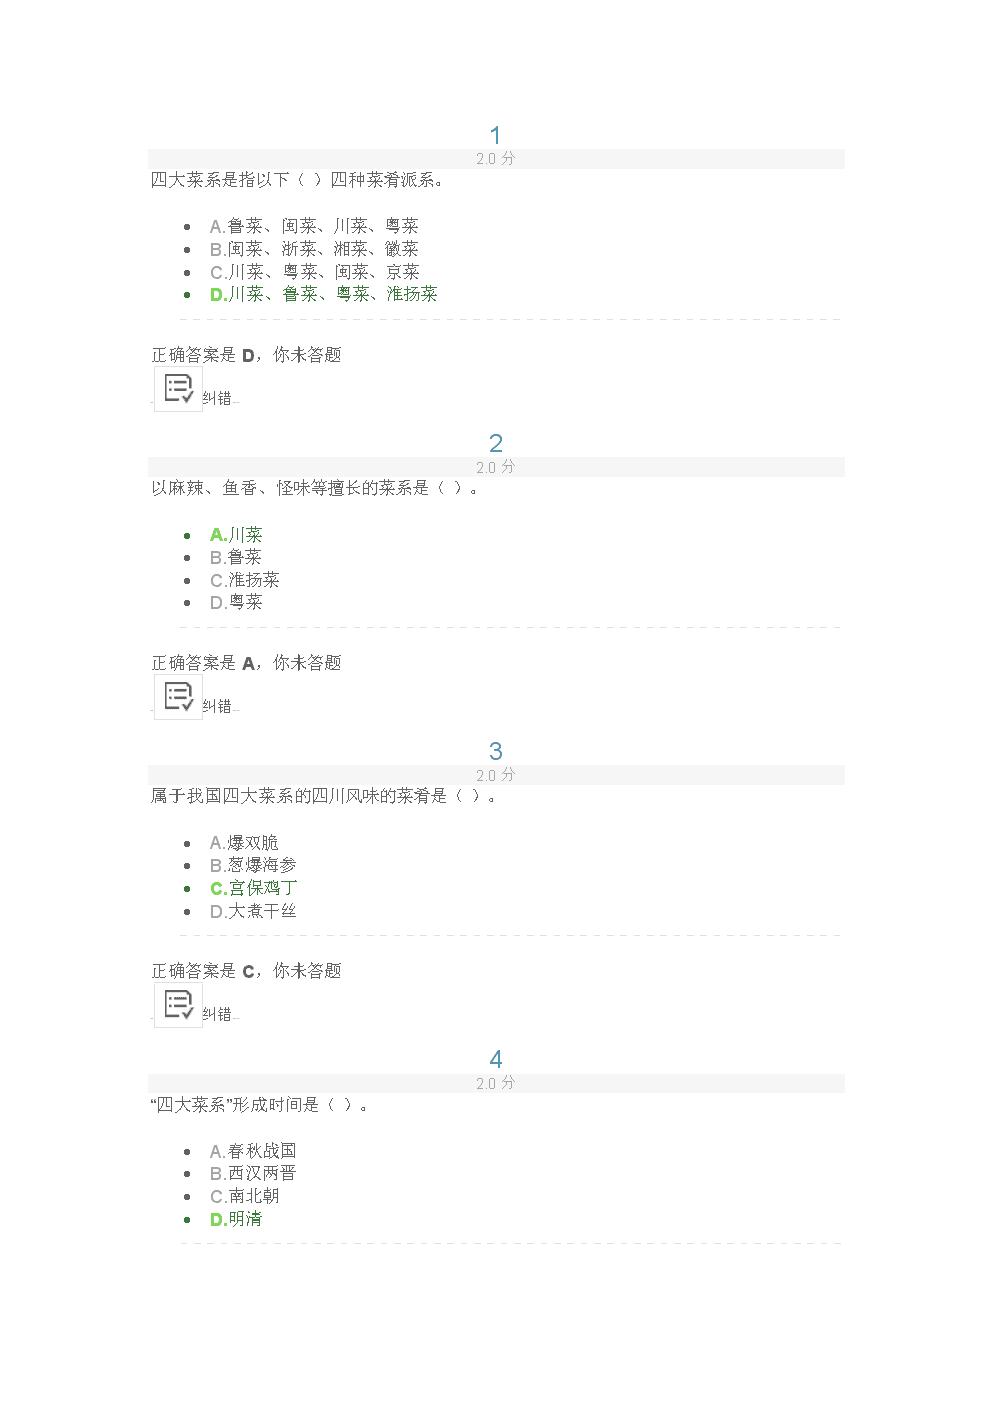 导游考试-第九章 中国饮食文化试卷(一) .docx